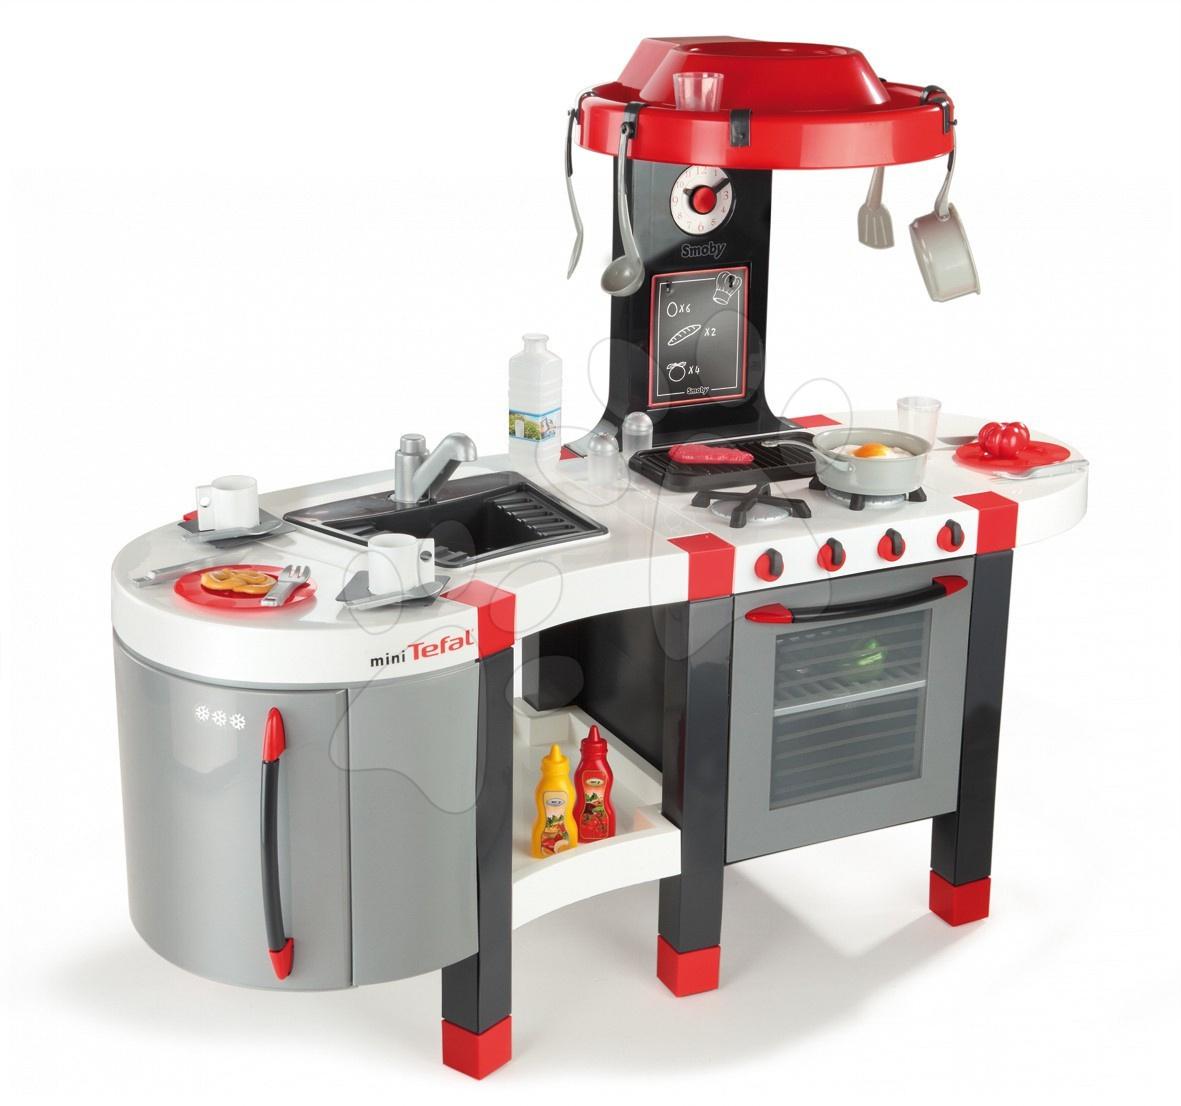 Bucătărie de vis French Touch Tefal Excellence Smoby electrică cu juice alb-roșu 115x41x97 cm